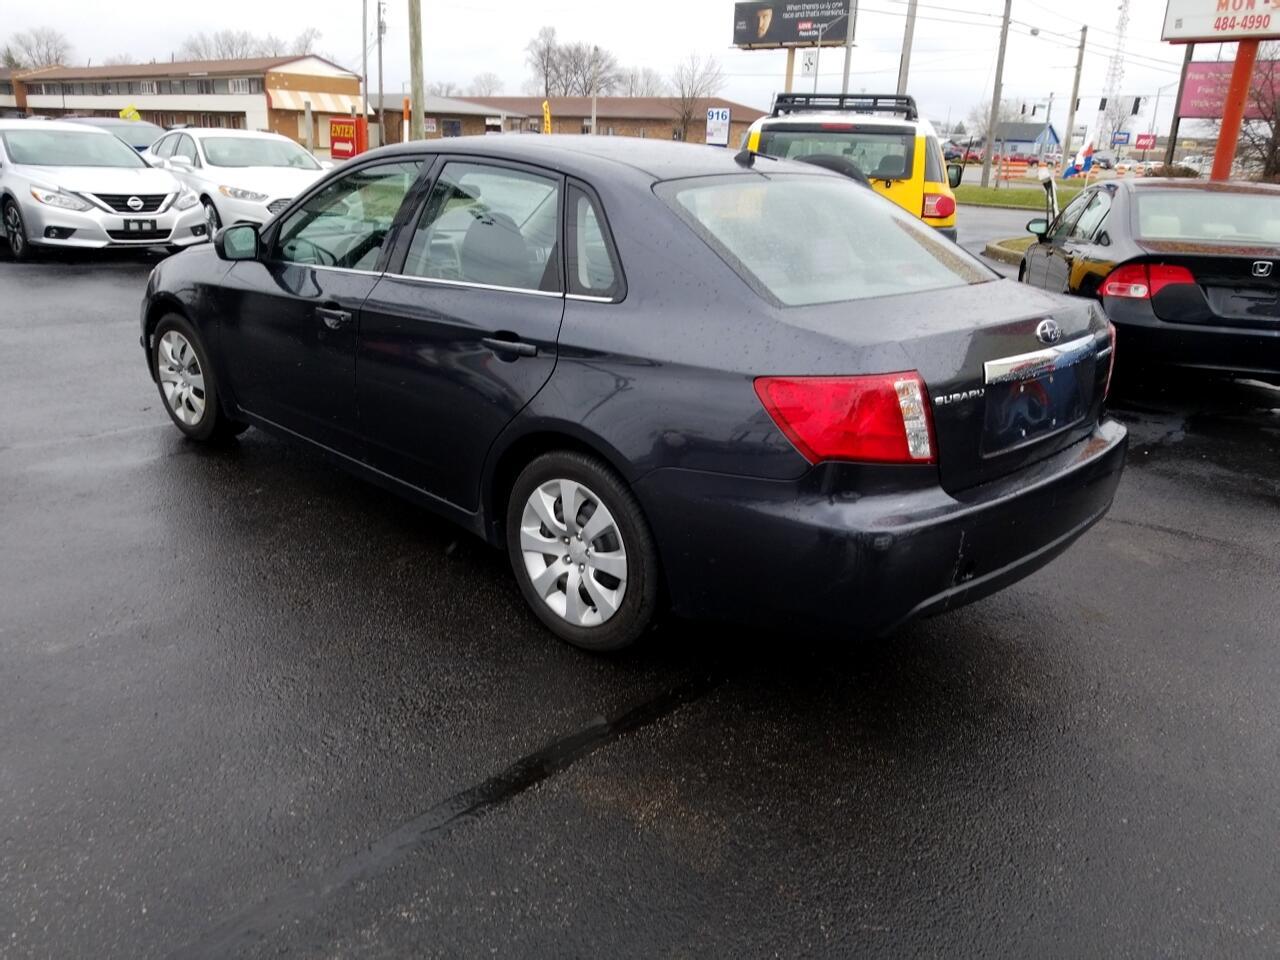 2009 Subaru Impreza Sedan 2.5 i Auto